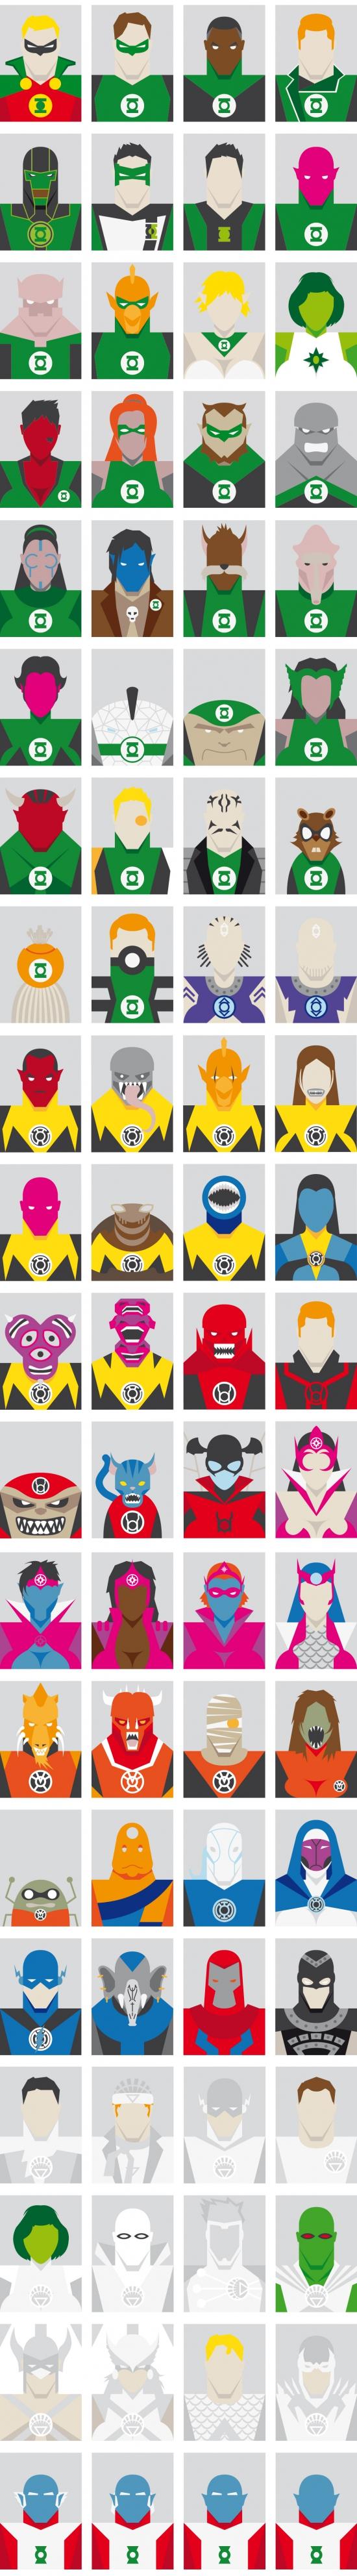 minimal faces lantern.jpg